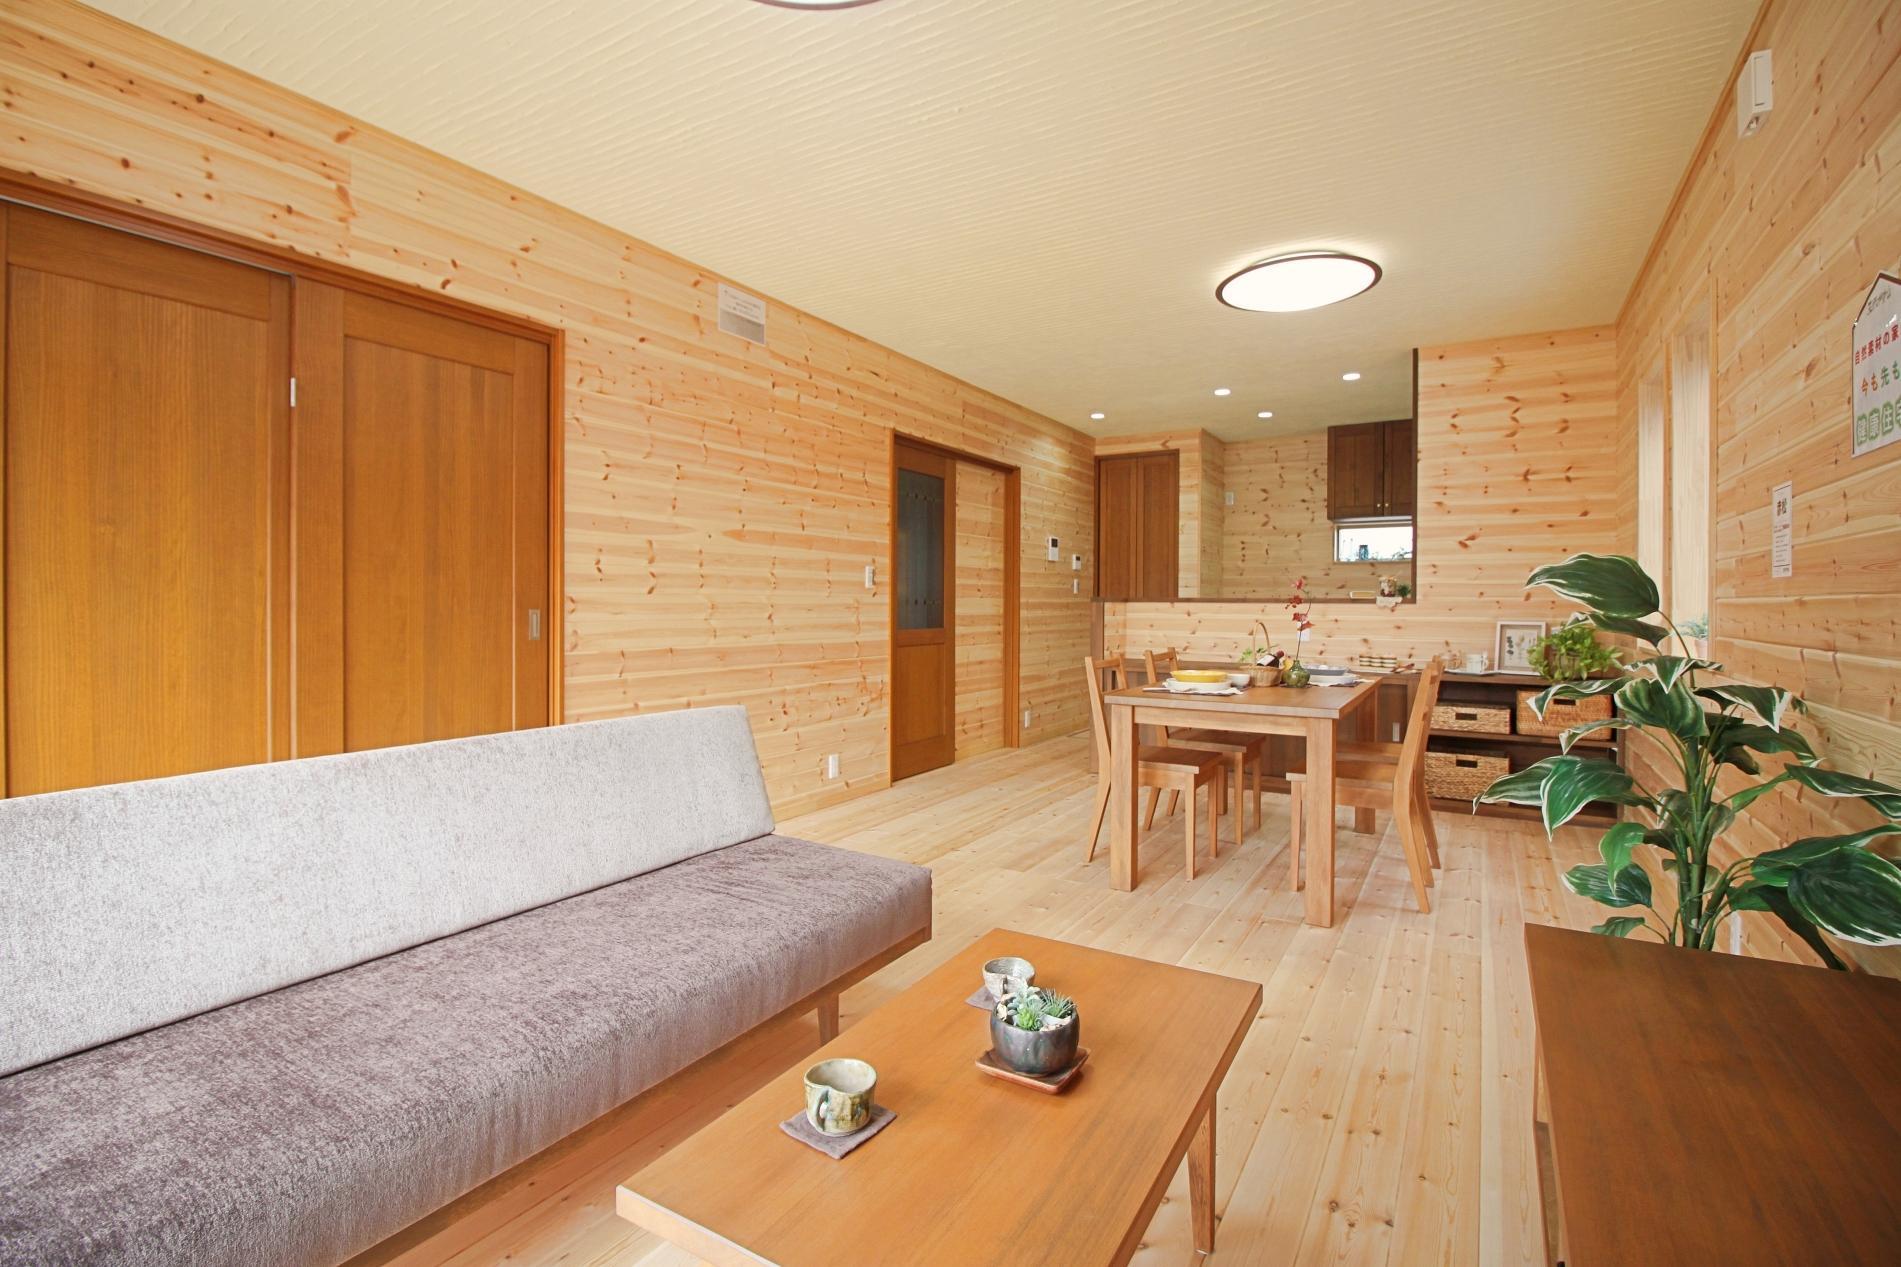 まるでログハウスのよう。無垢の木と珪藻土をふんだんに使用した空気が綺麗な平屋の家